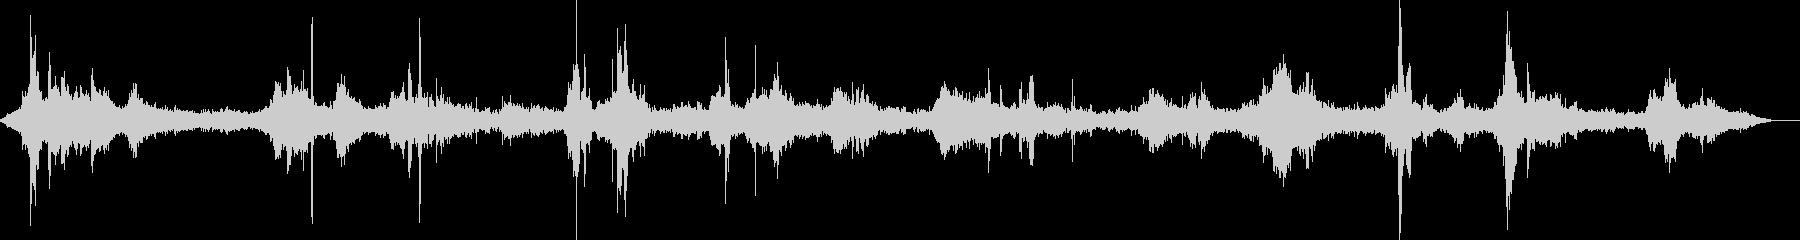 デイトナ、ロレックスナイトトライア...の未再生の波形